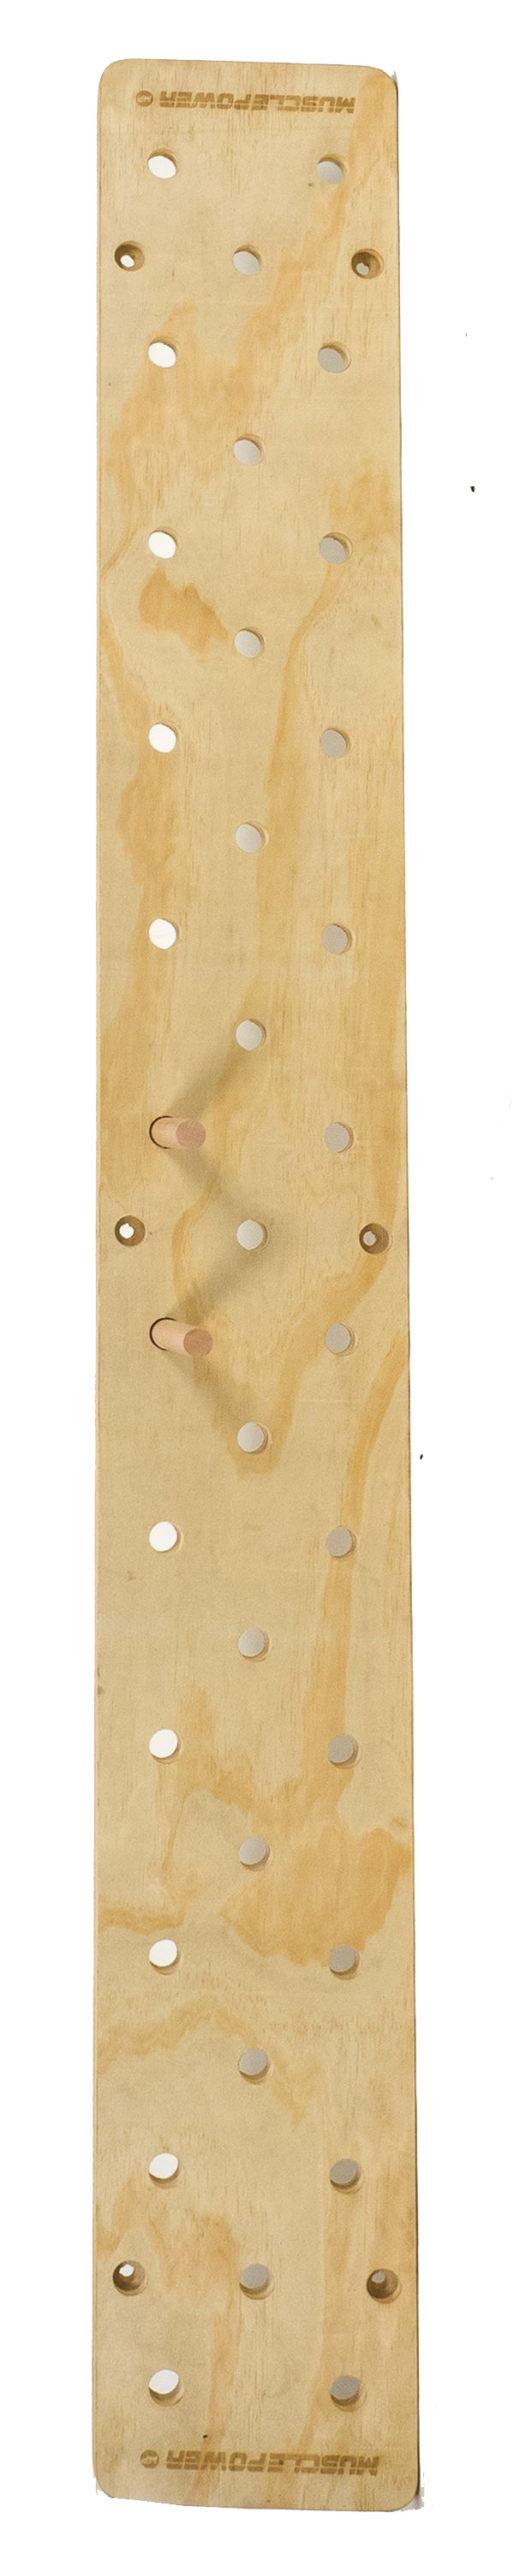 Muscle Power Peg Board